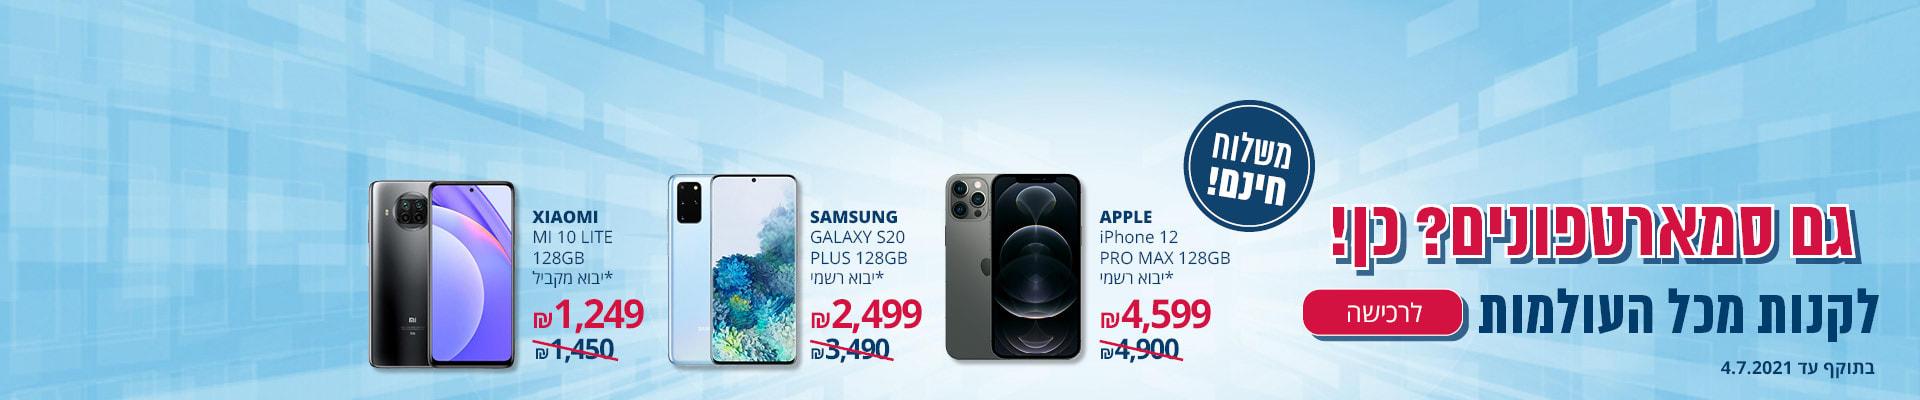 גם סמארטפונים? כן! IPHONE 12 PRO MAX 128GB *יבוא רשמי 4599₪ SAMSUNG GALAXY S20 PLUS 128GB *יבוא רשמי 2499₪ XIAOMI MI 10 LITE 128GB *יבוא מקביל 1249₪ משלוח חינם תוקף-4.7.21